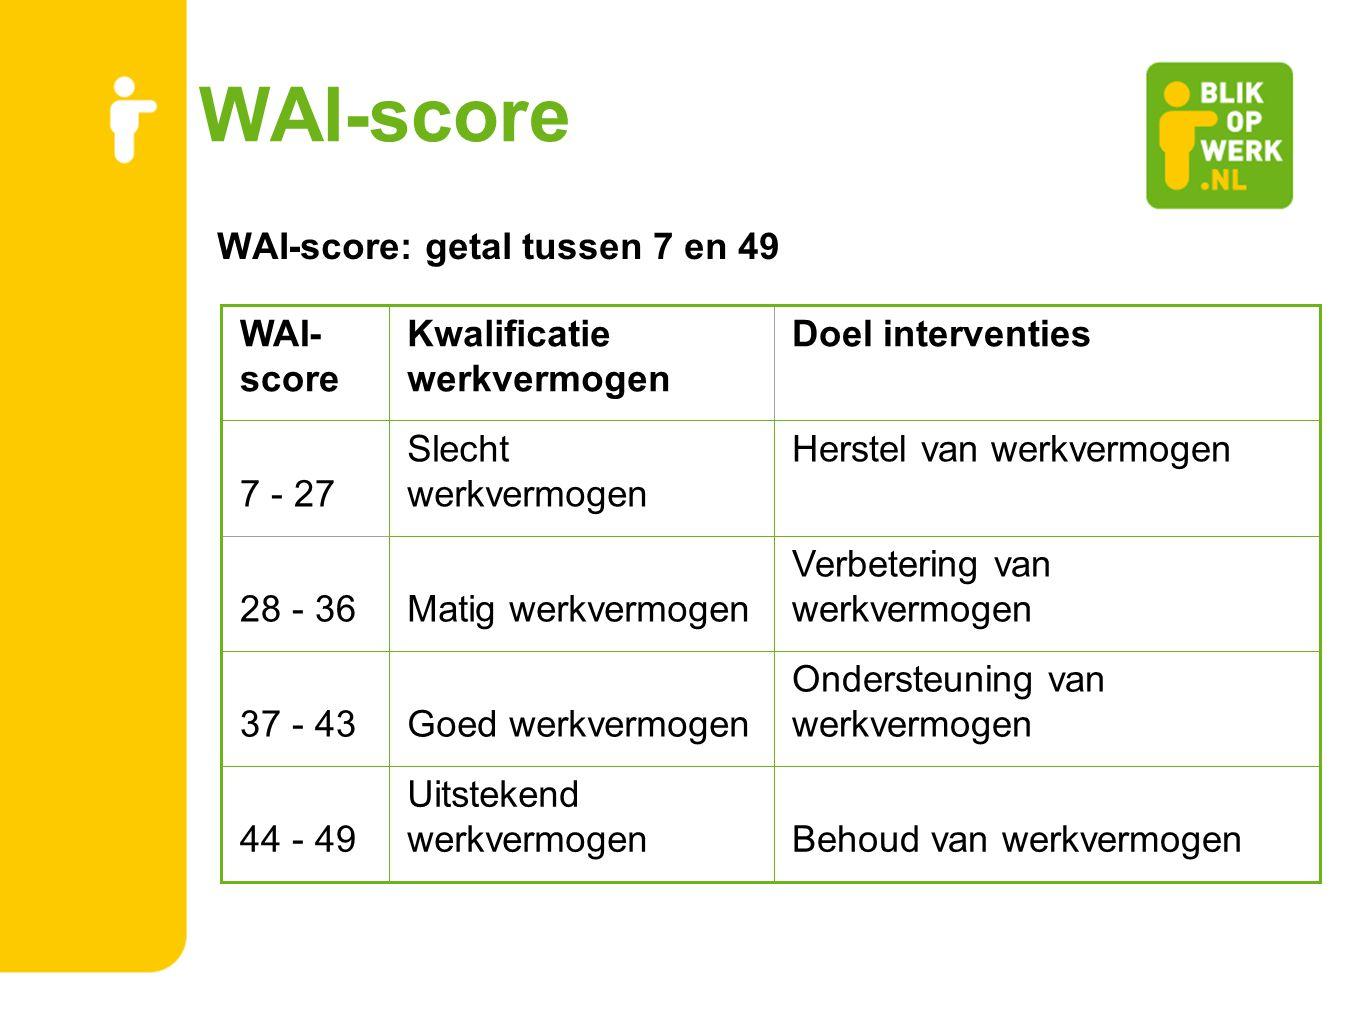 WAI-score WAI-score: getal tussen 7 en 49 WAI- score Kwalificatie werkvermogen Doel interventies 7 - 27 Slecht werkvermogen Herstel van werkvermogen 2